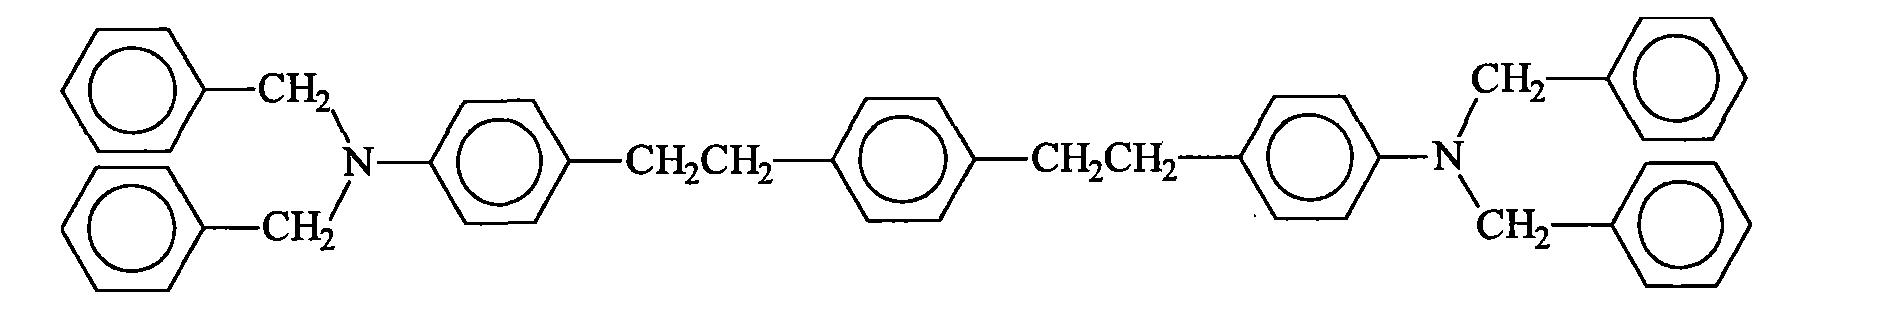 Figure CN101533237BD00593